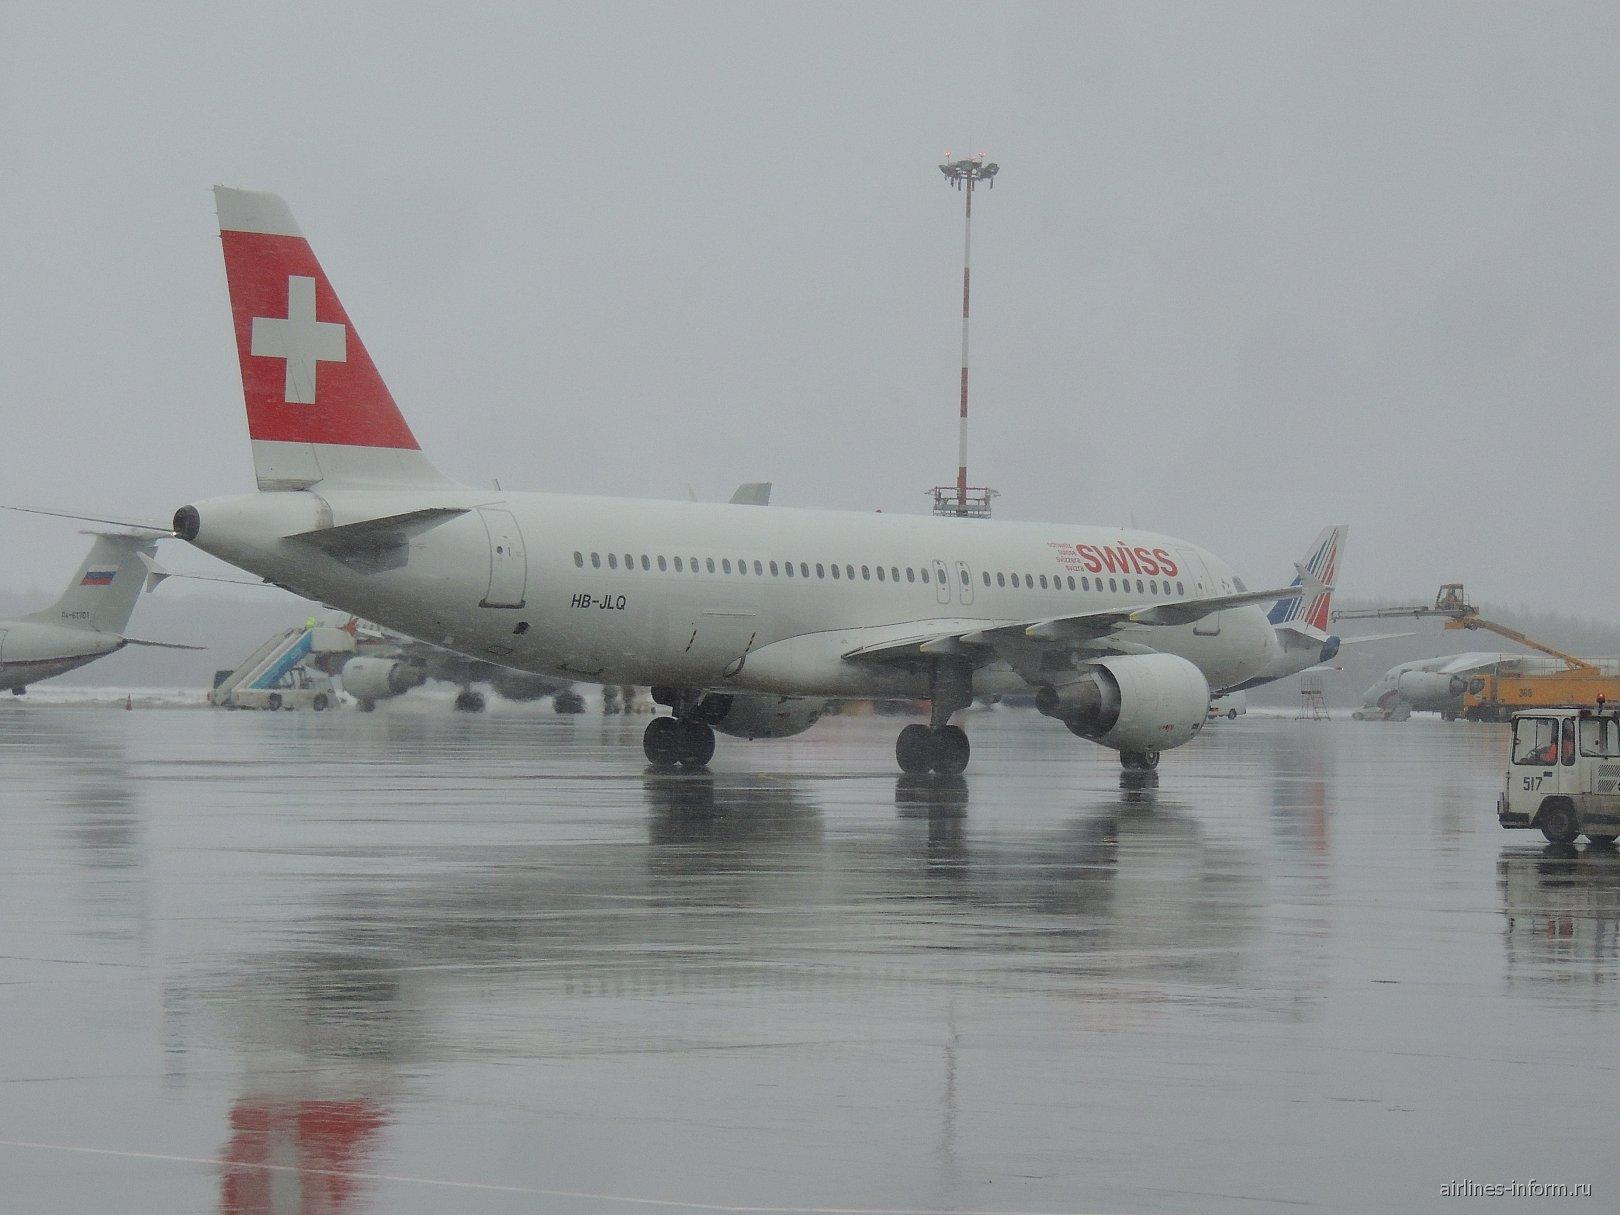 Airbus A320 SWISS в аэропорту Санкт-Петербург Пулково